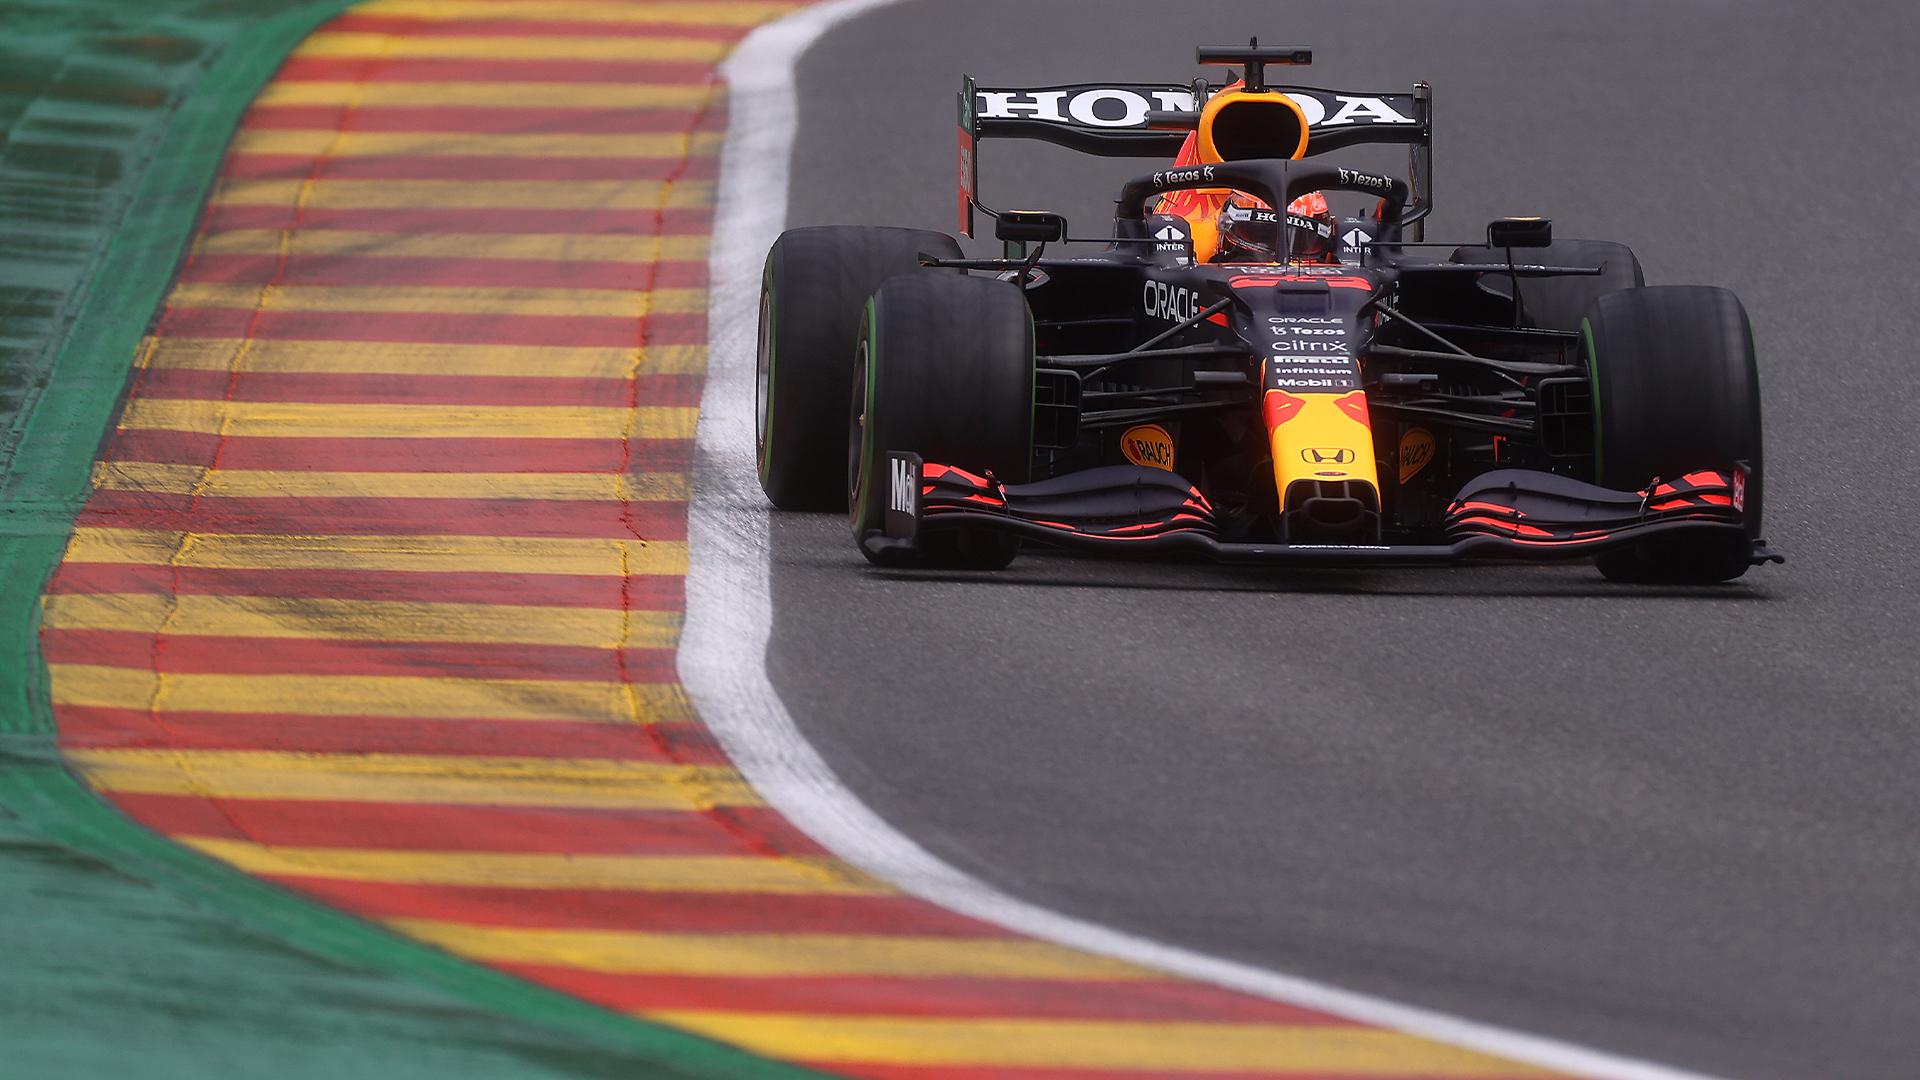 Qualifiche, Gp Belgio: Pole Position per Verstappen, secondo in modo incredibile Russell con la Williams.